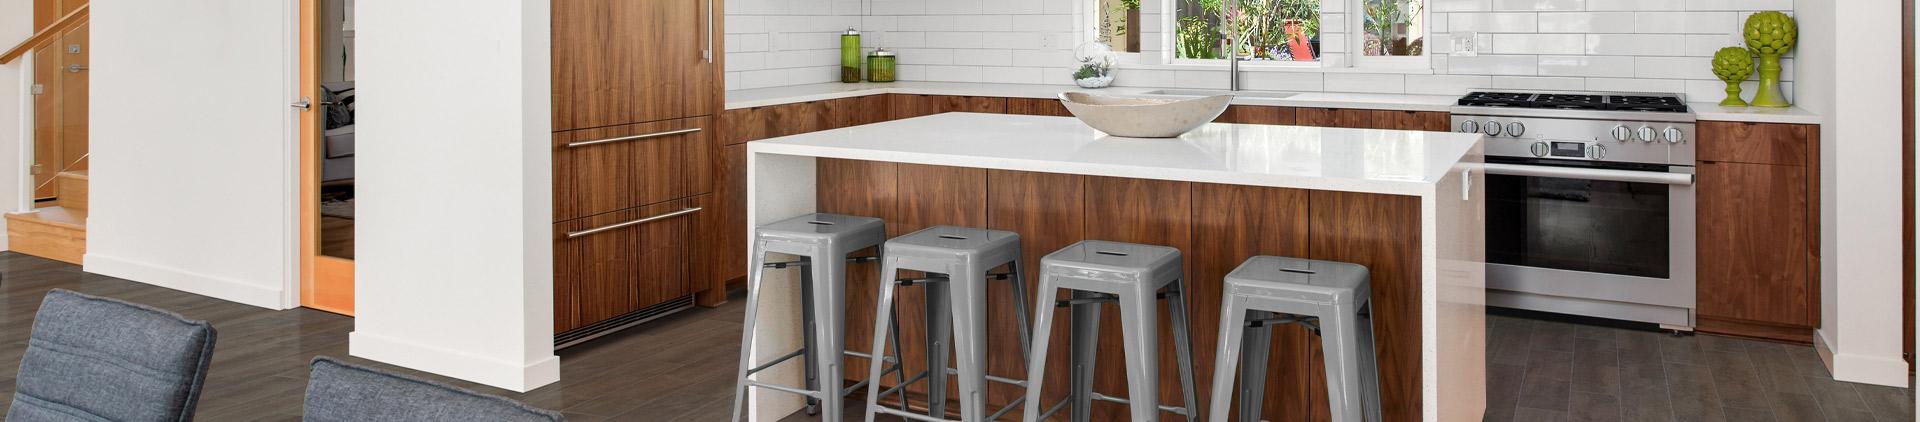 Digital Design Tools Umbare Home remodel Sarasota Lakewood Ranch